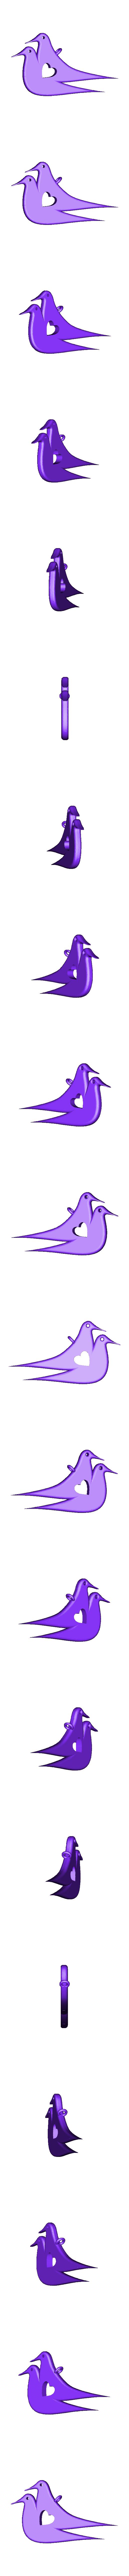 tdoves3.stl Download free STL file Turtle dove tree ornament • 3D printer design, Cilshell